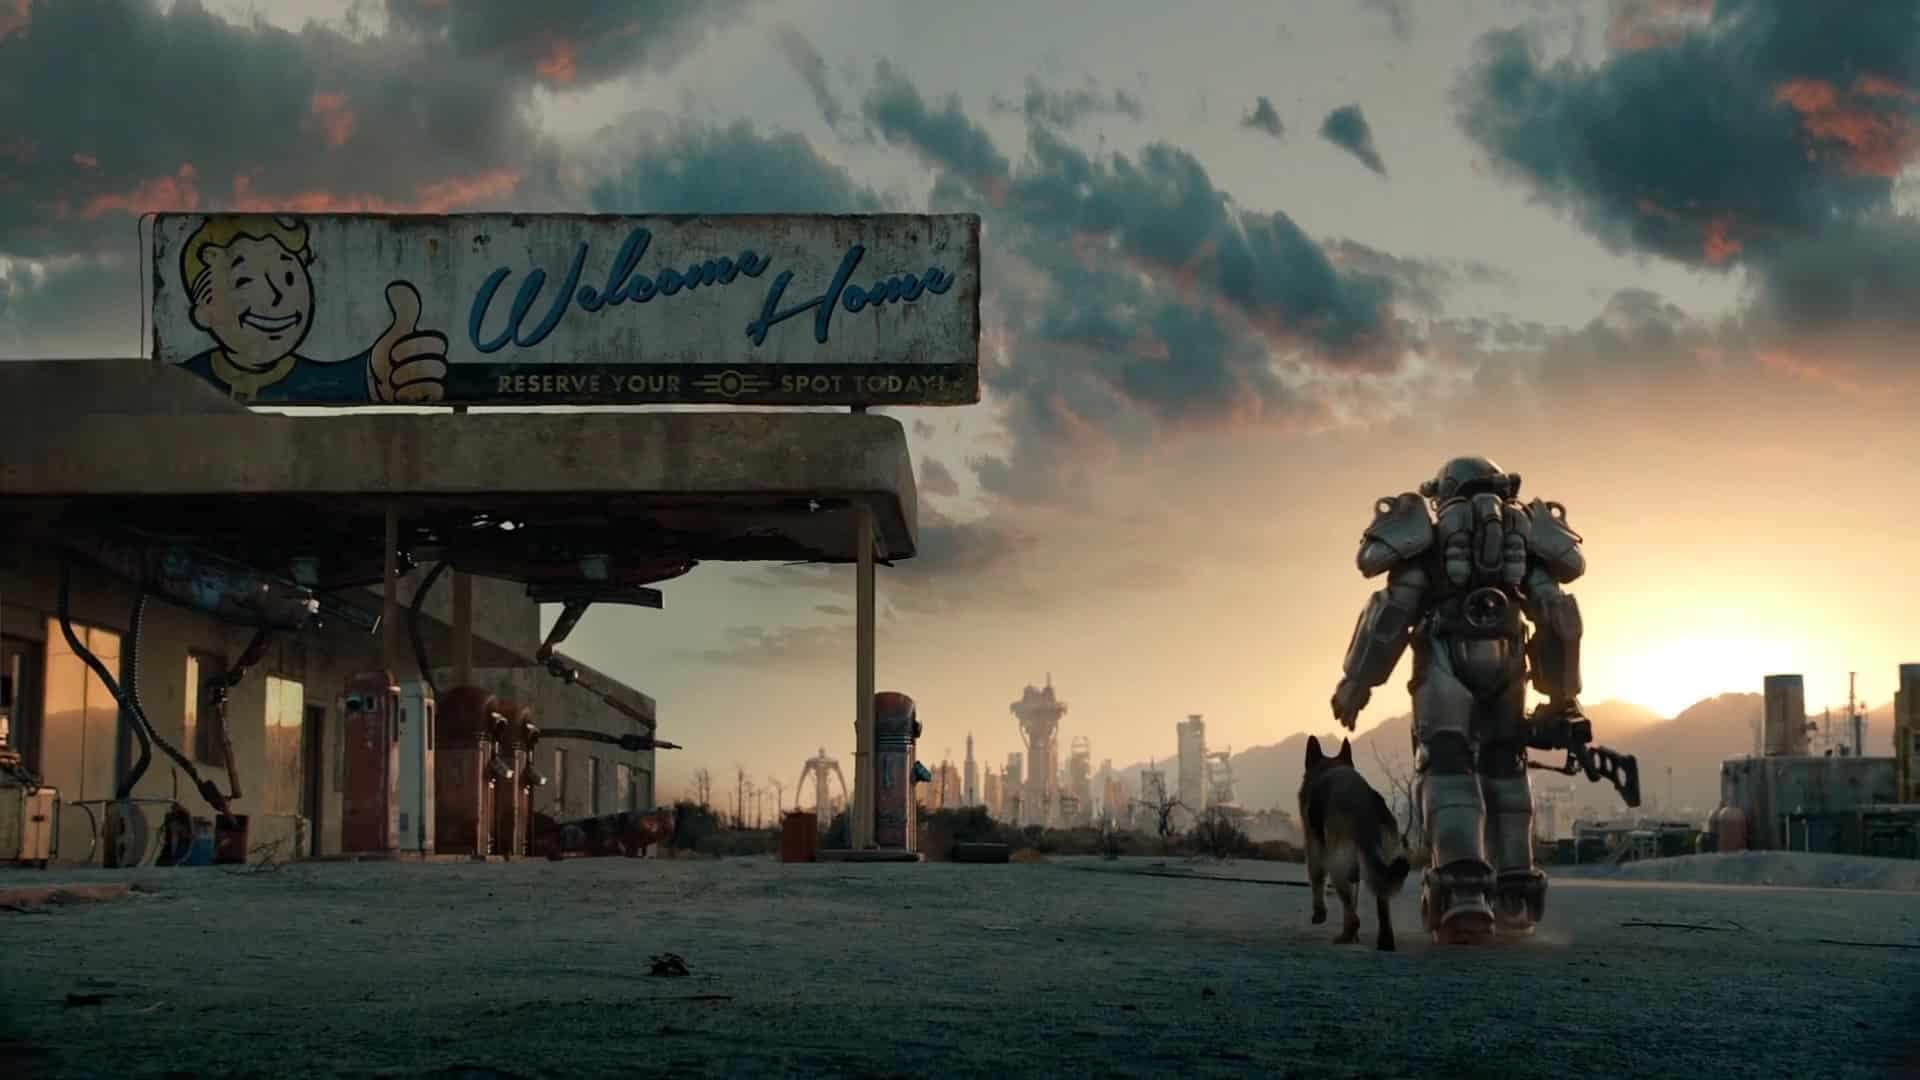 Fallout 4 miglior gioco 2016 bafta pc - Miglior antifurto casa 2016 ...